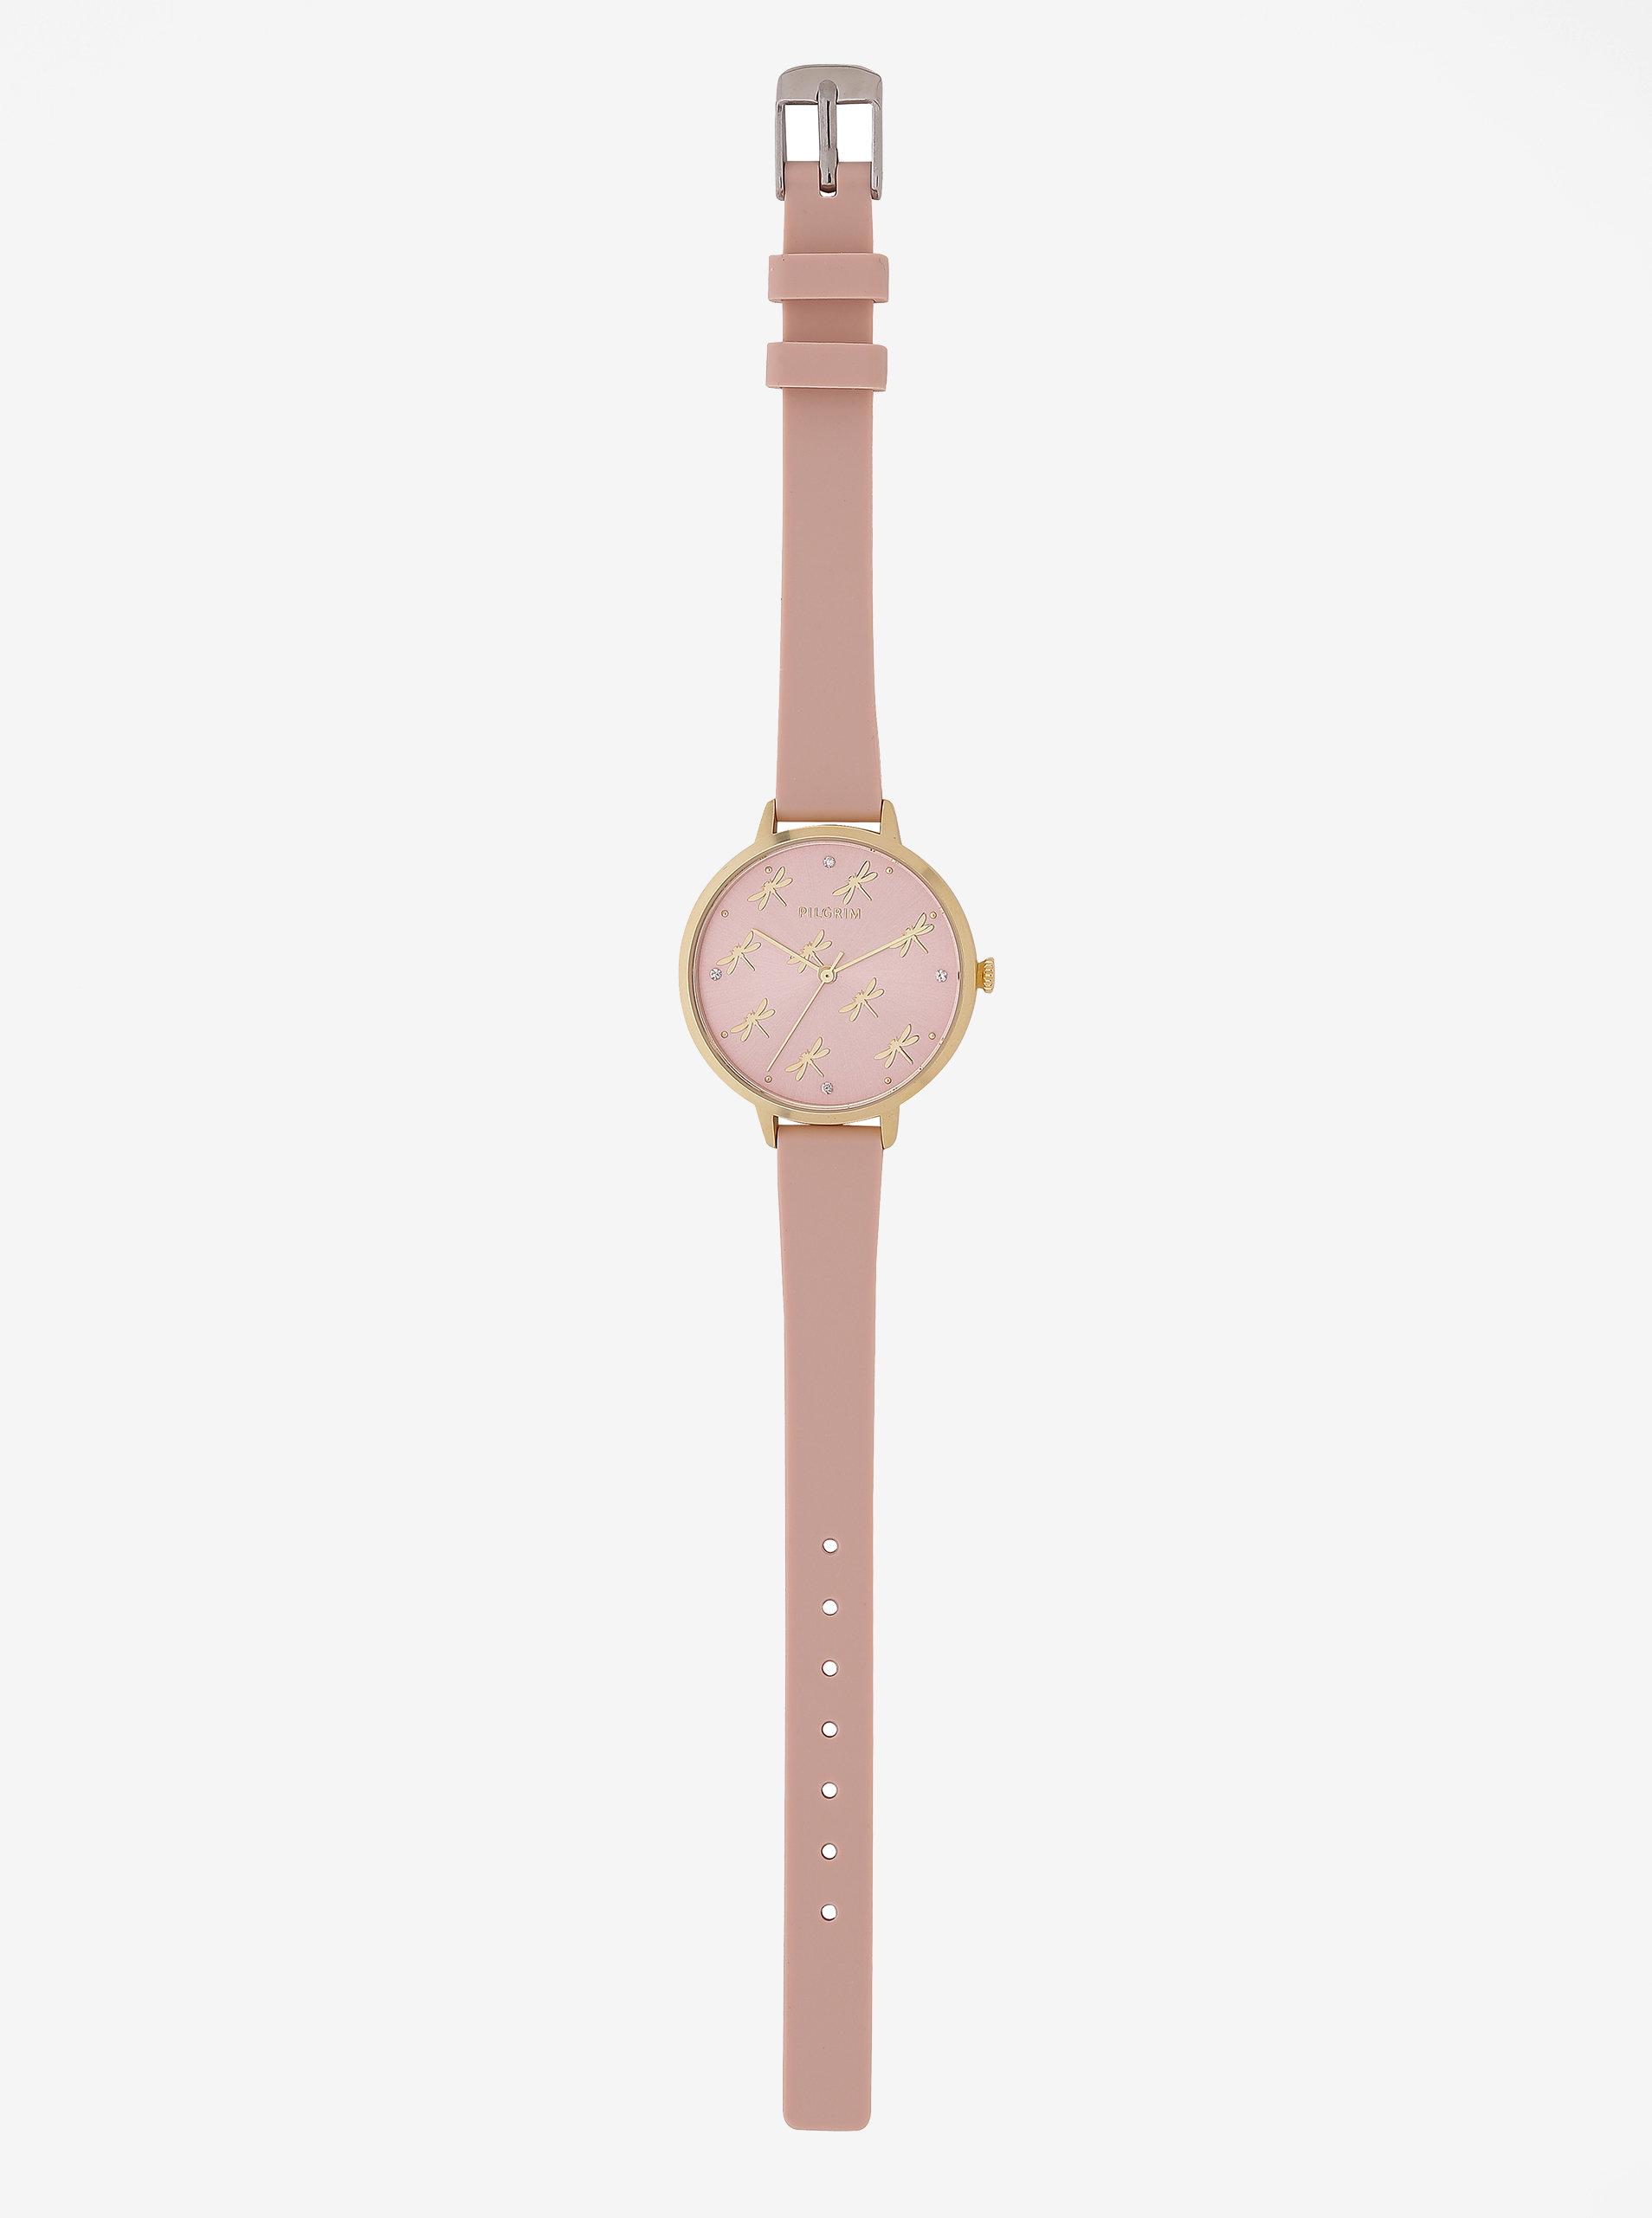 022b5f0d3 Dámske pozlátené hodinky s telovým silikónovým remienkom Pilgrim Babette ...